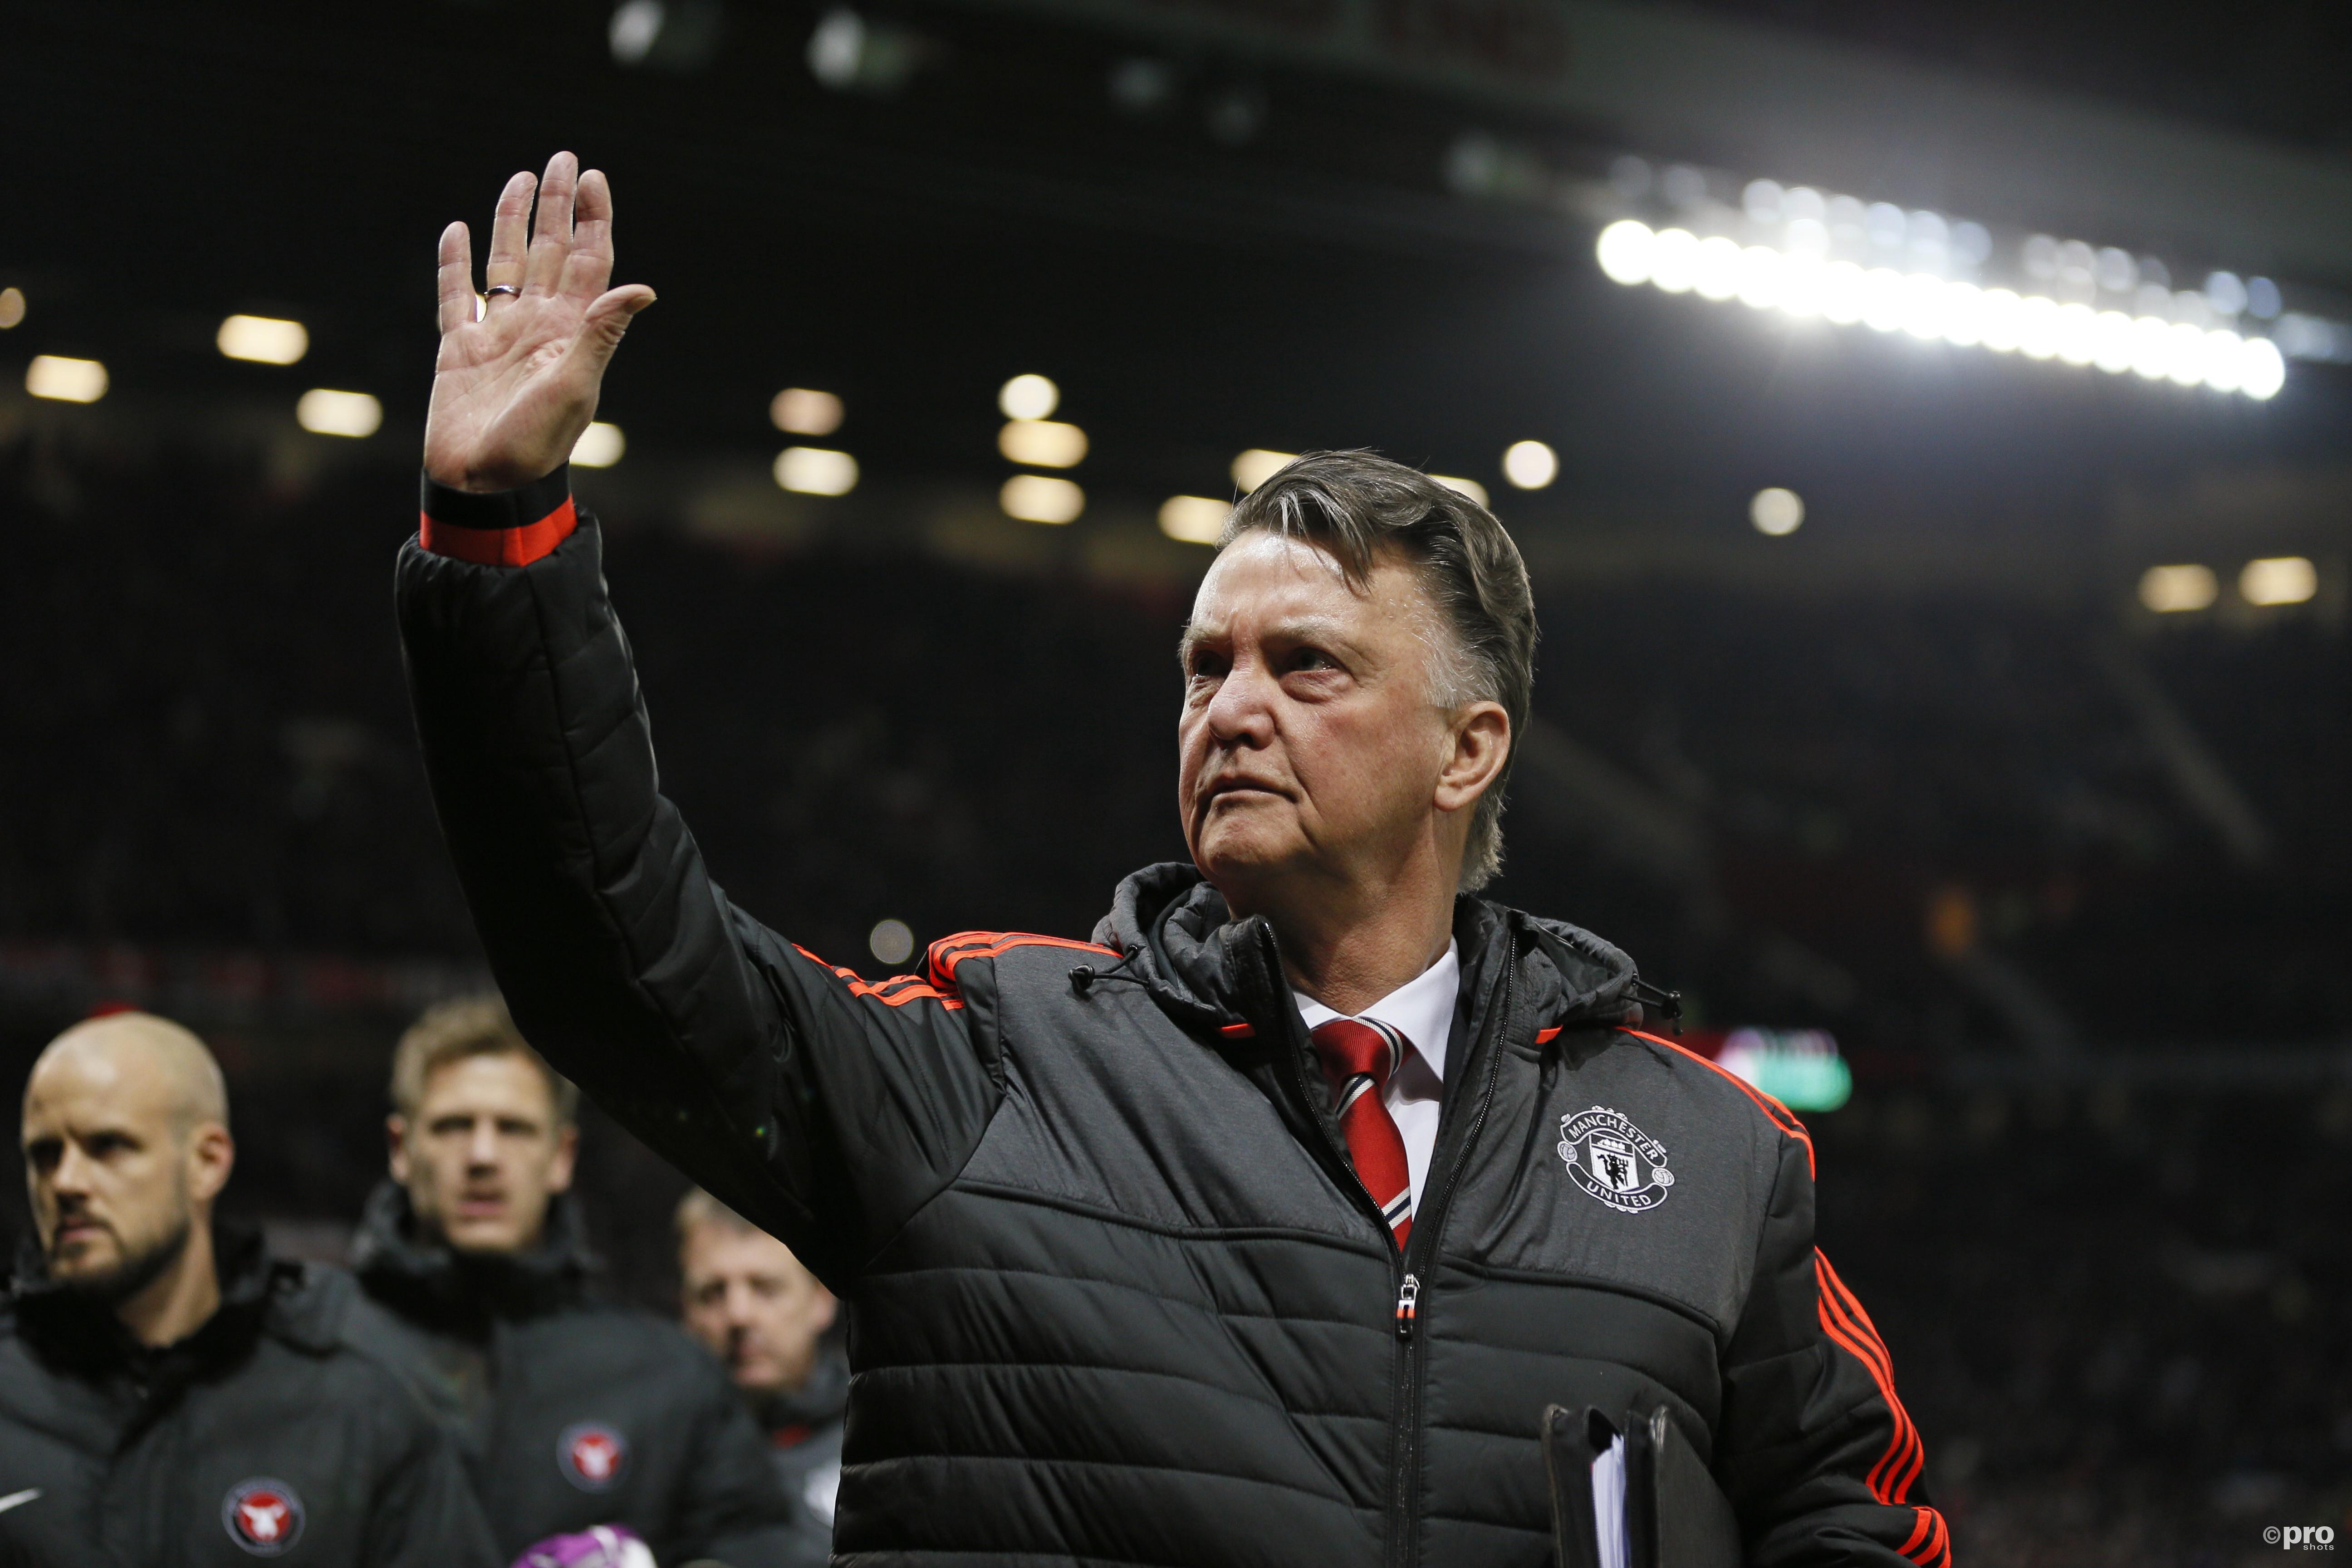 Louis van Gaal, Manchester United, Europa League, 20160225